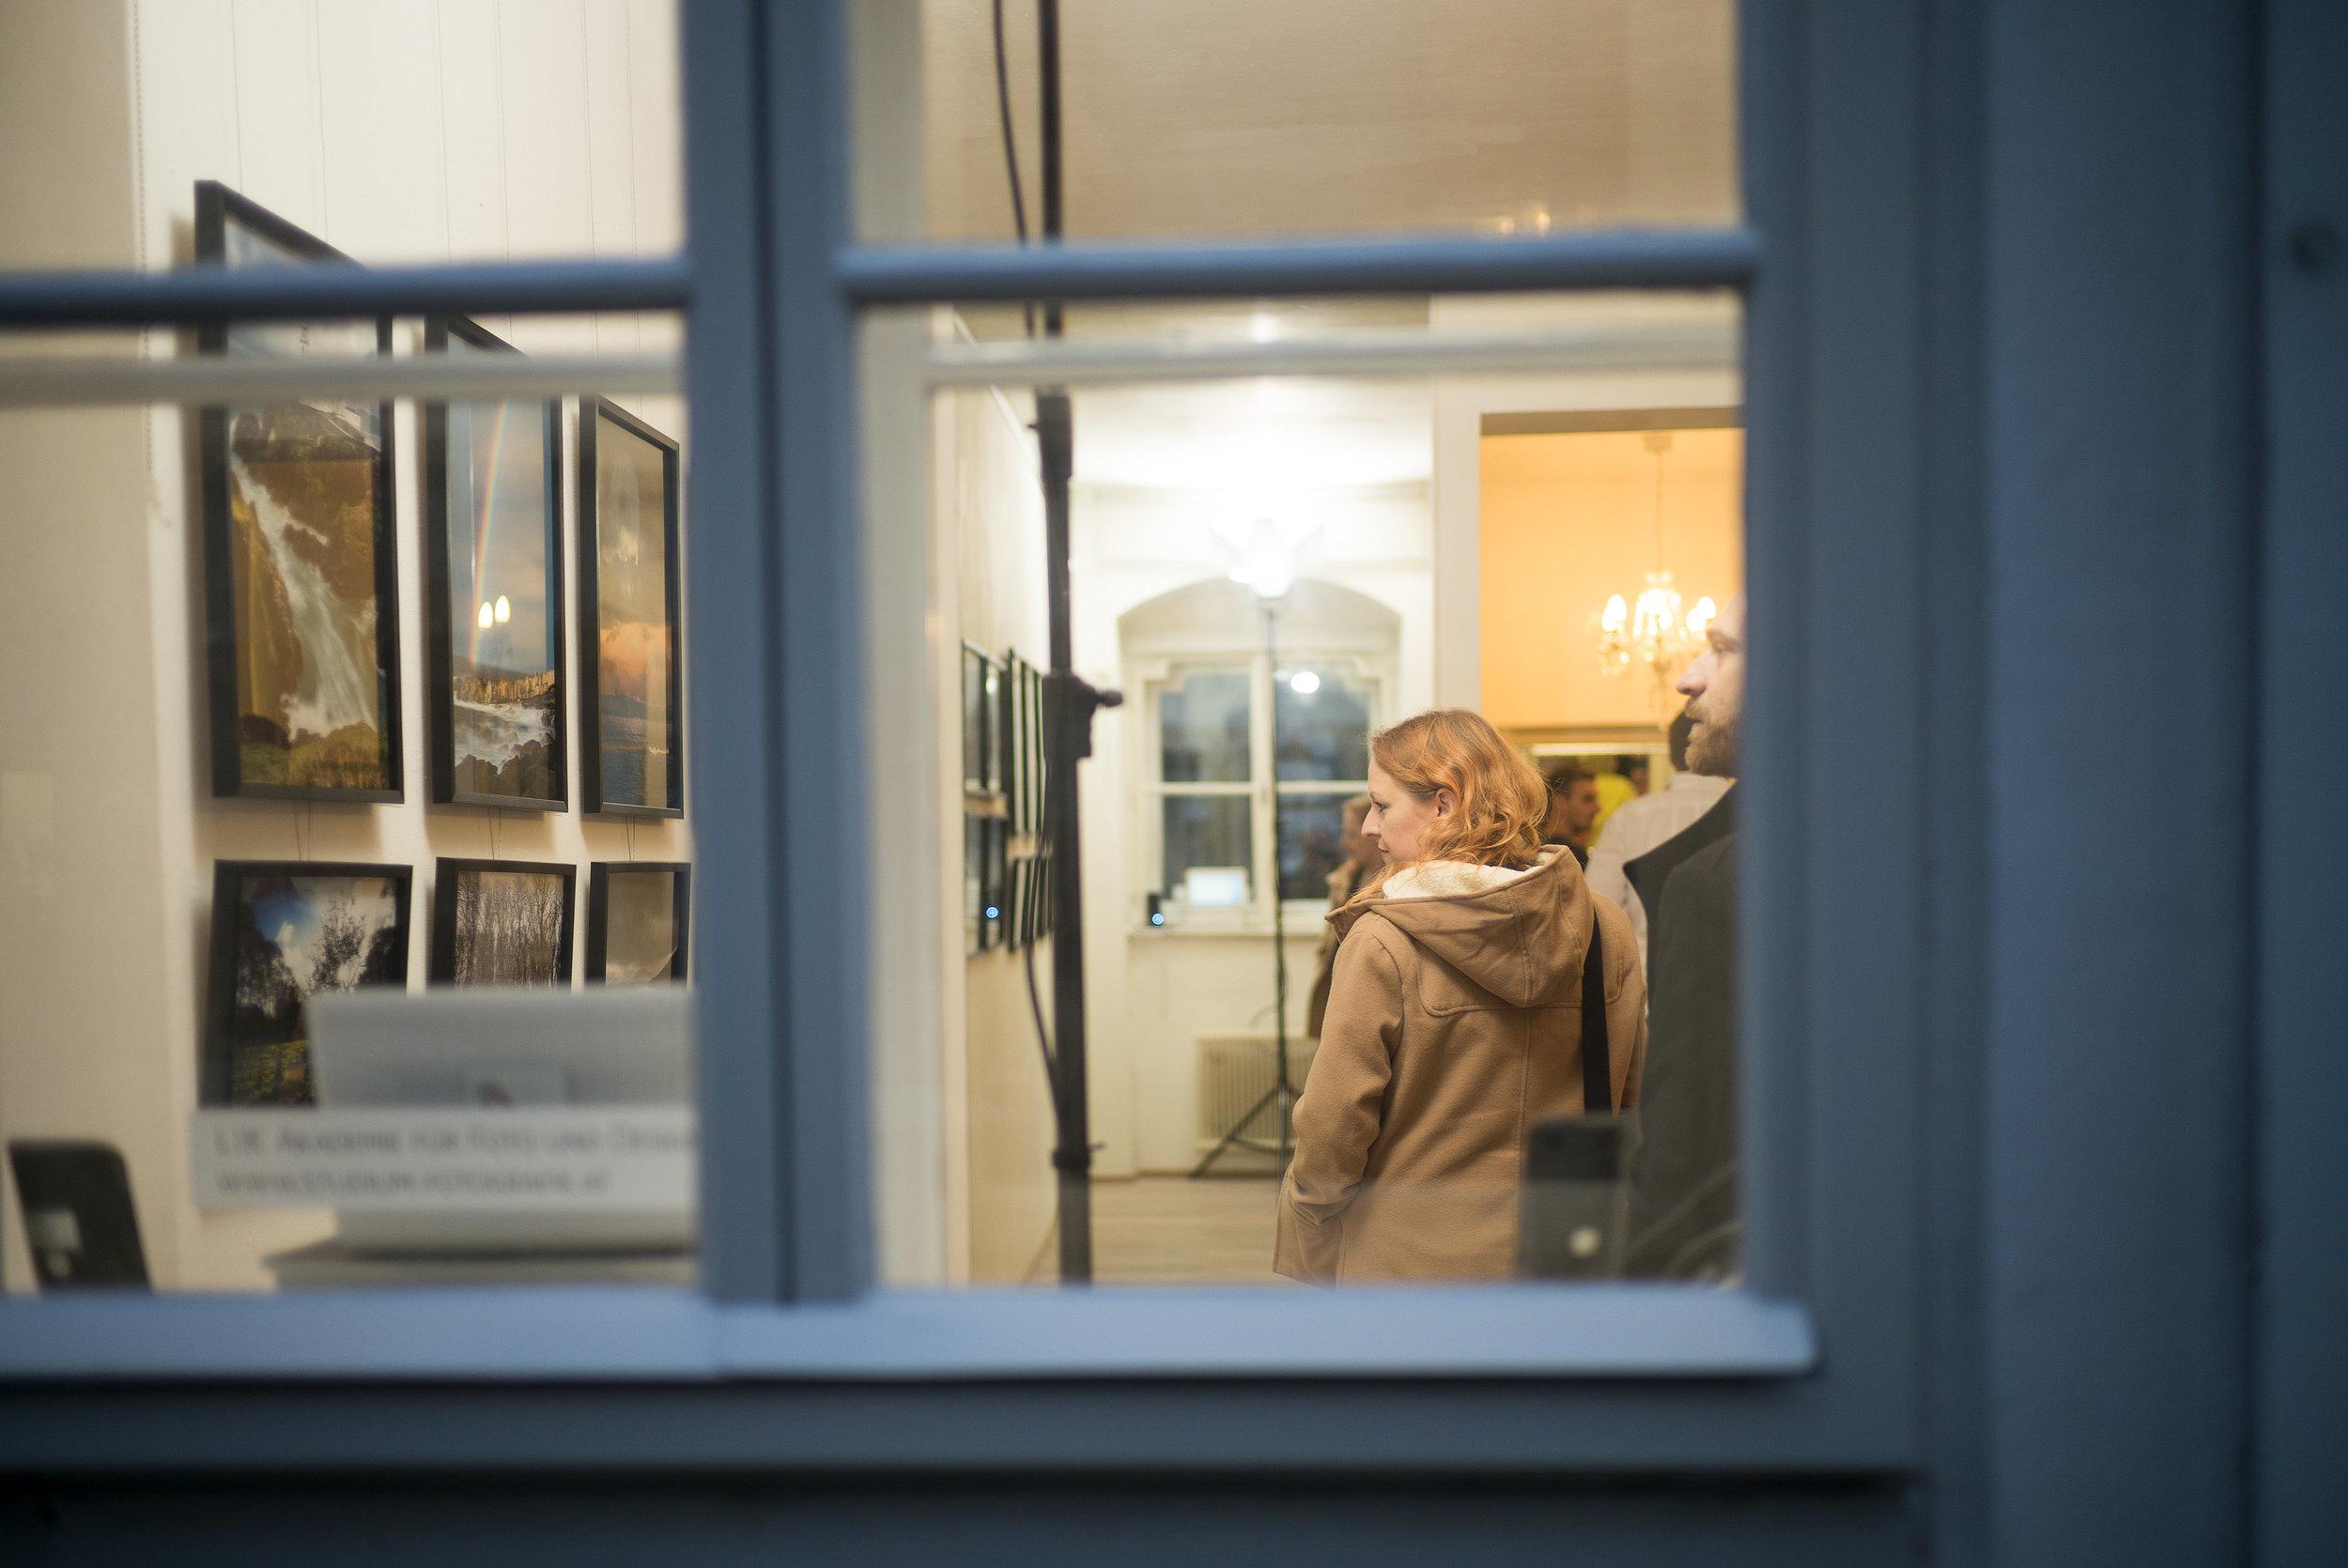 Galerie_LIK_ireland003.jpg